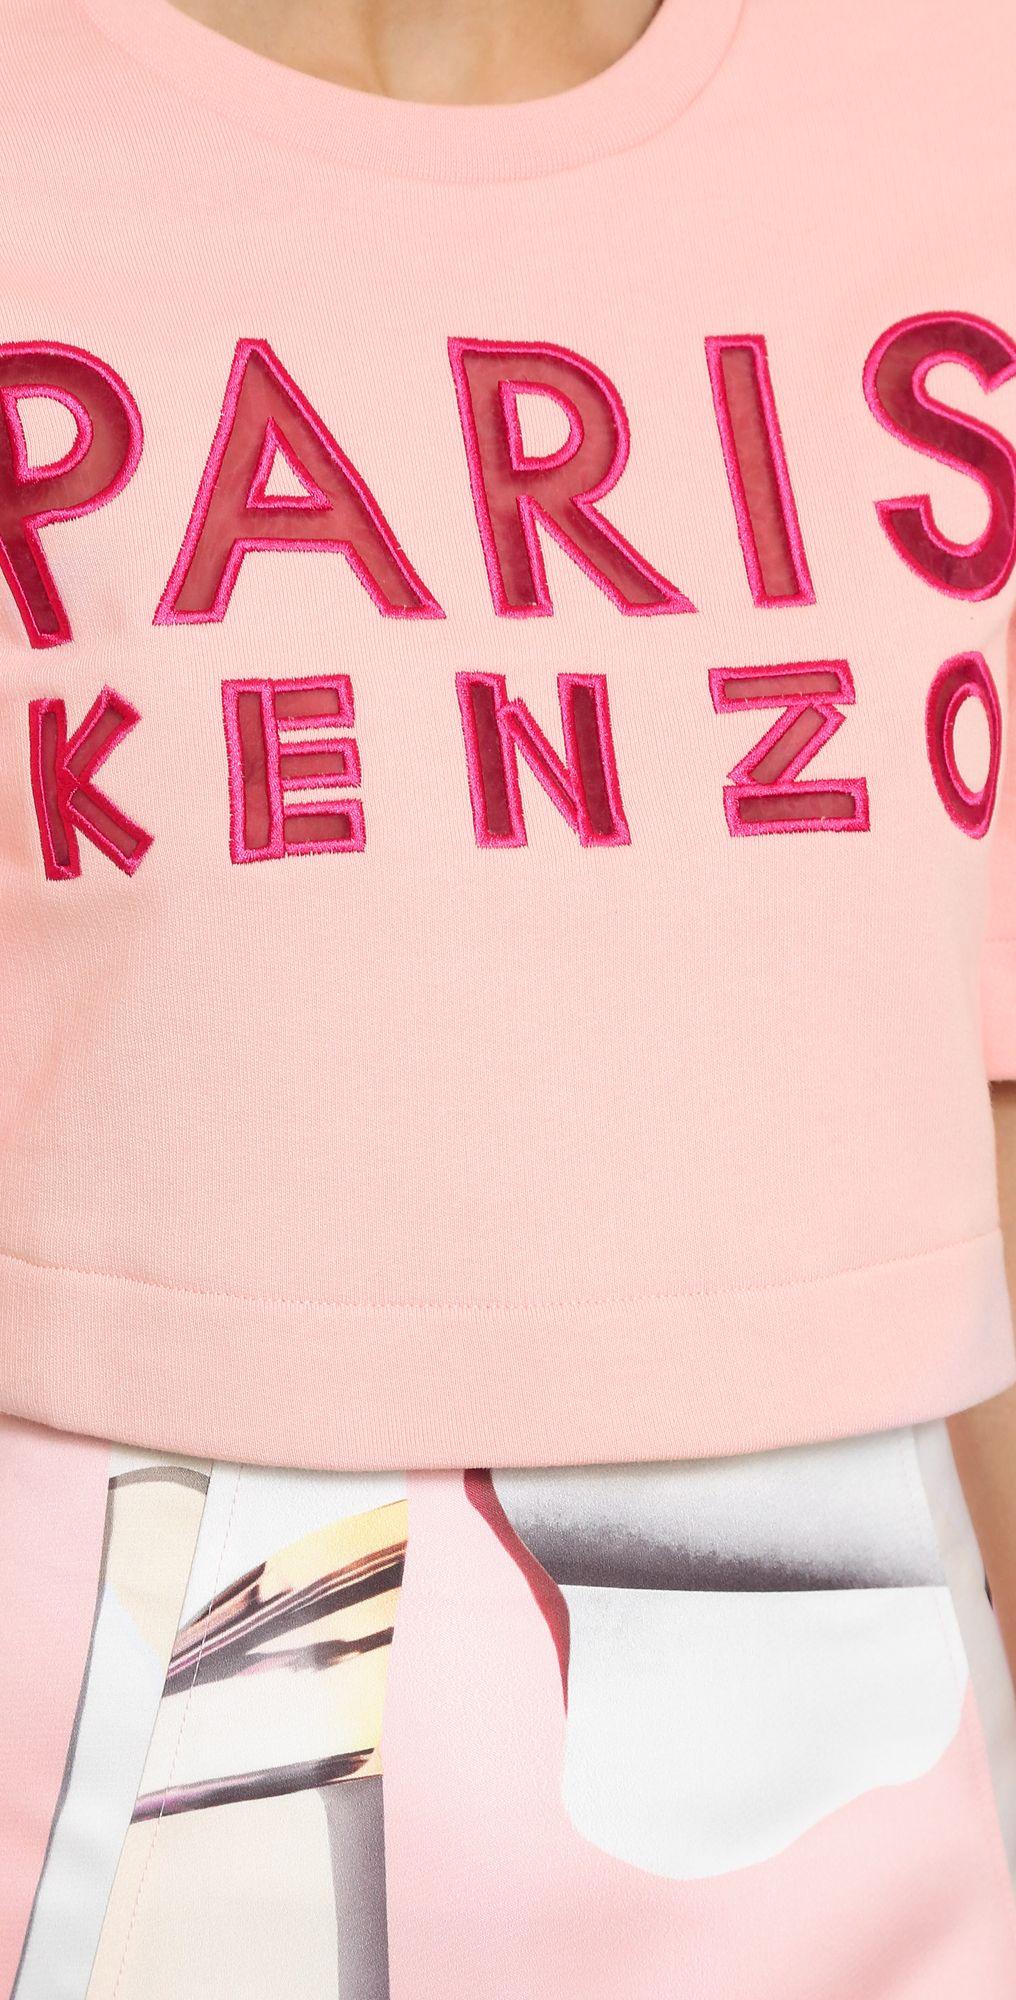 KENZO Paris Cropped Sweatshirt   SHOPBOP SAVE 25% use Code:SPRING25